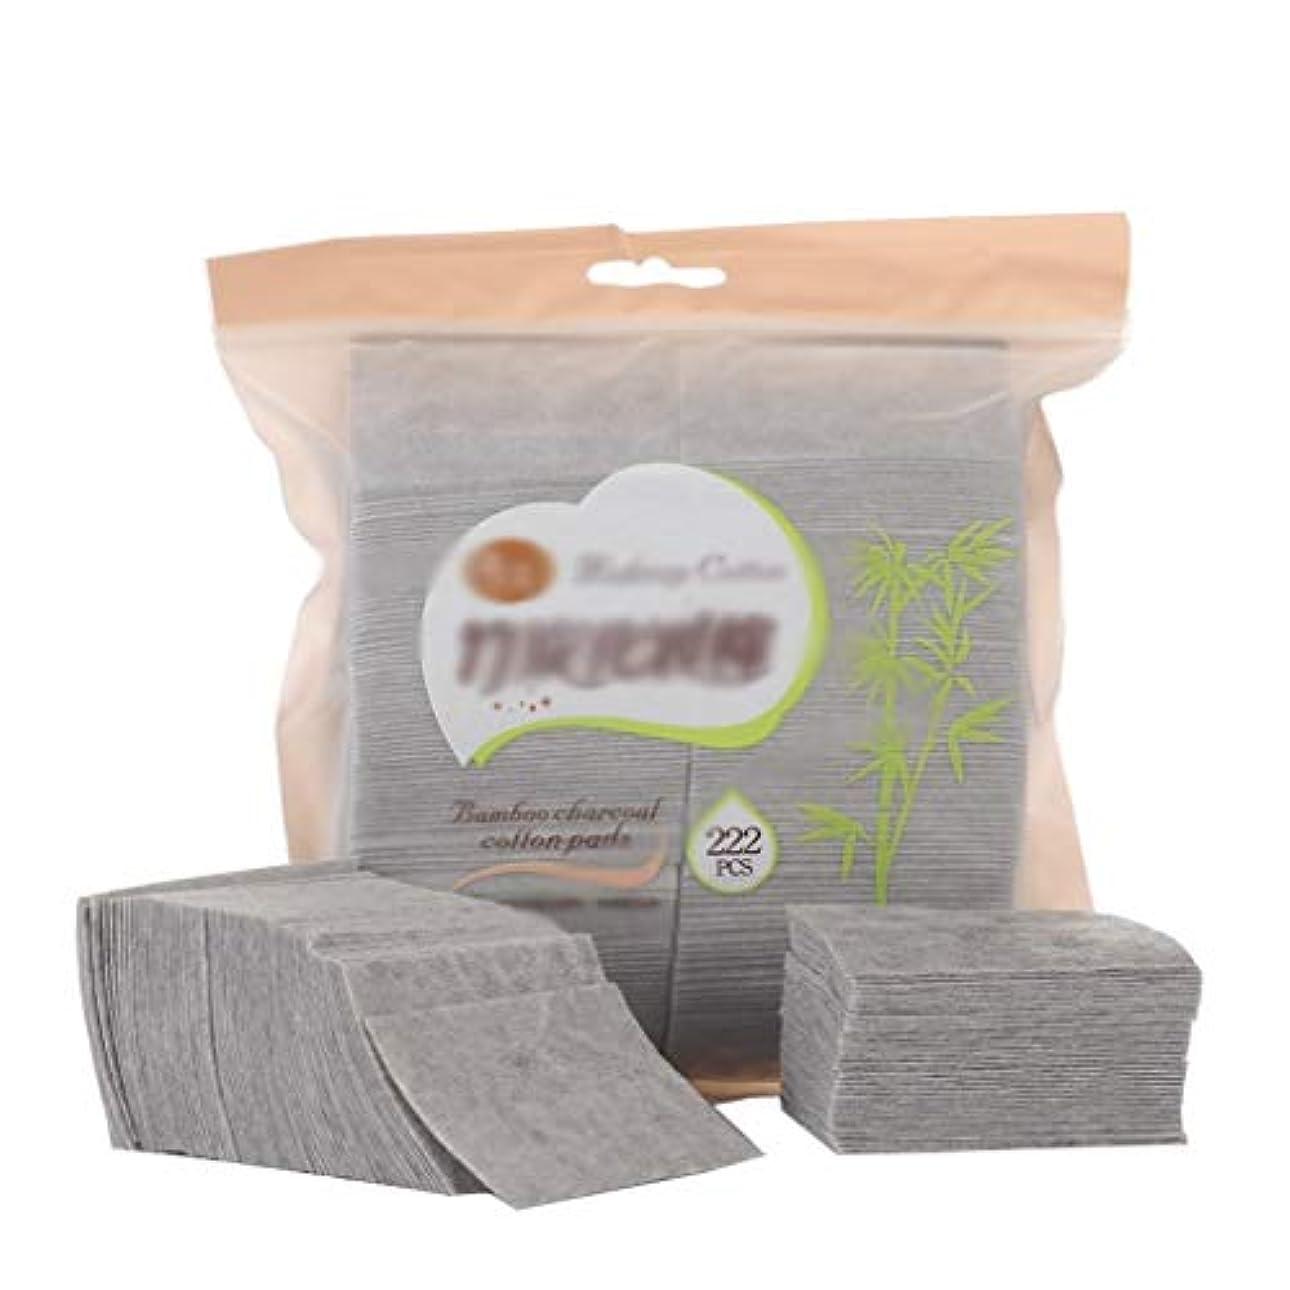 絶望ラッドヤードキップリング保存クレンジングシート 222ピース箱入り竹炭化粧コットンパッド両面使い捨て洗顔コットンポータブルメイクアップコットンピース (Color : Gray, サイズ : 5*7cm)